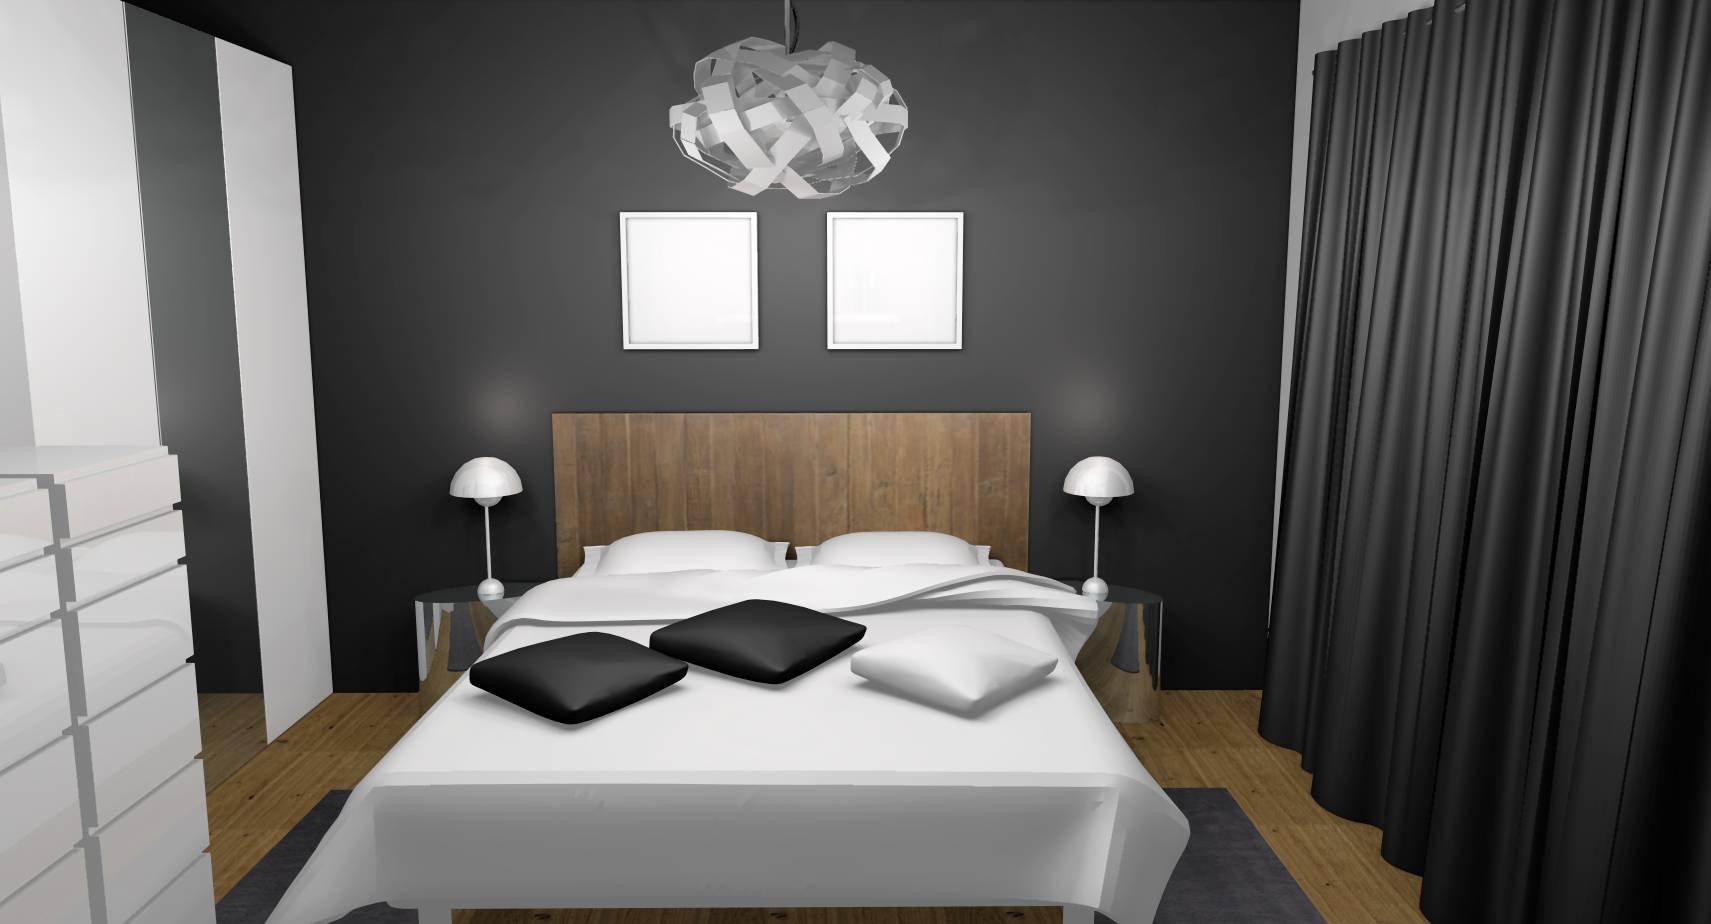 Home Staging Chambre Adulte visuels 3d archives - page 16 sur 17 - designement vôtre